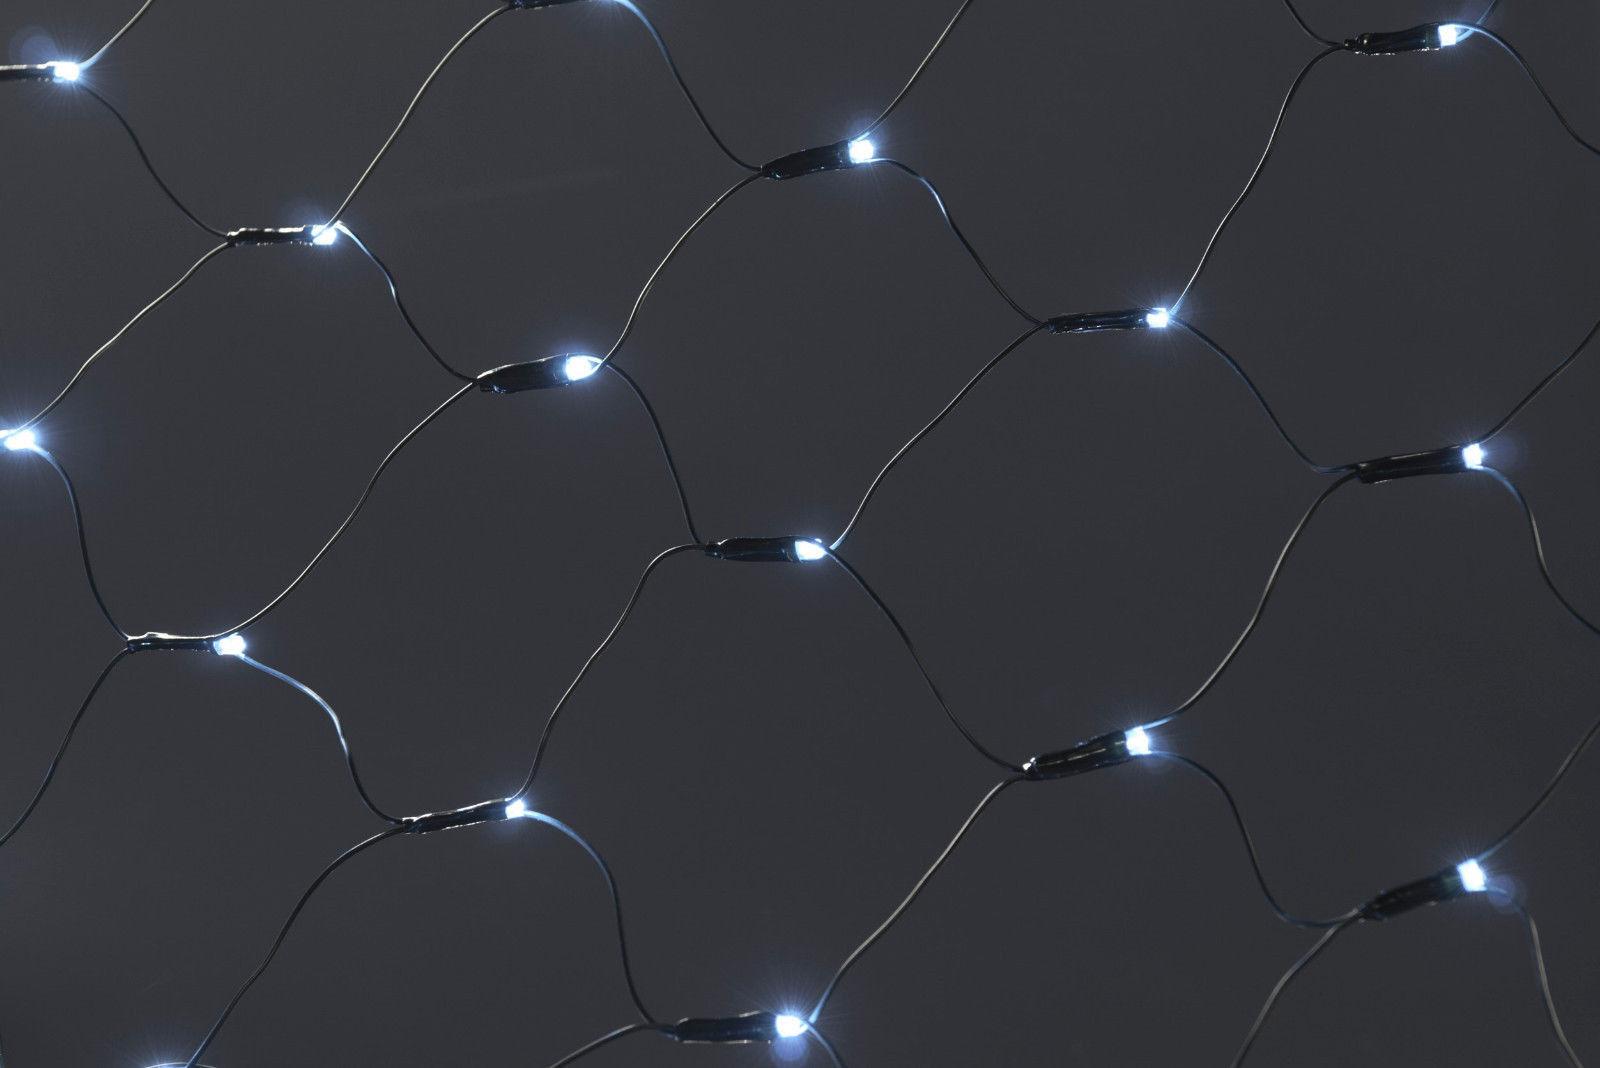 LED Catena Catena Catena Luminosa Rete di luci 160 - 320 LED bianco caldo frossodo bianco interno esterno 62a6dd